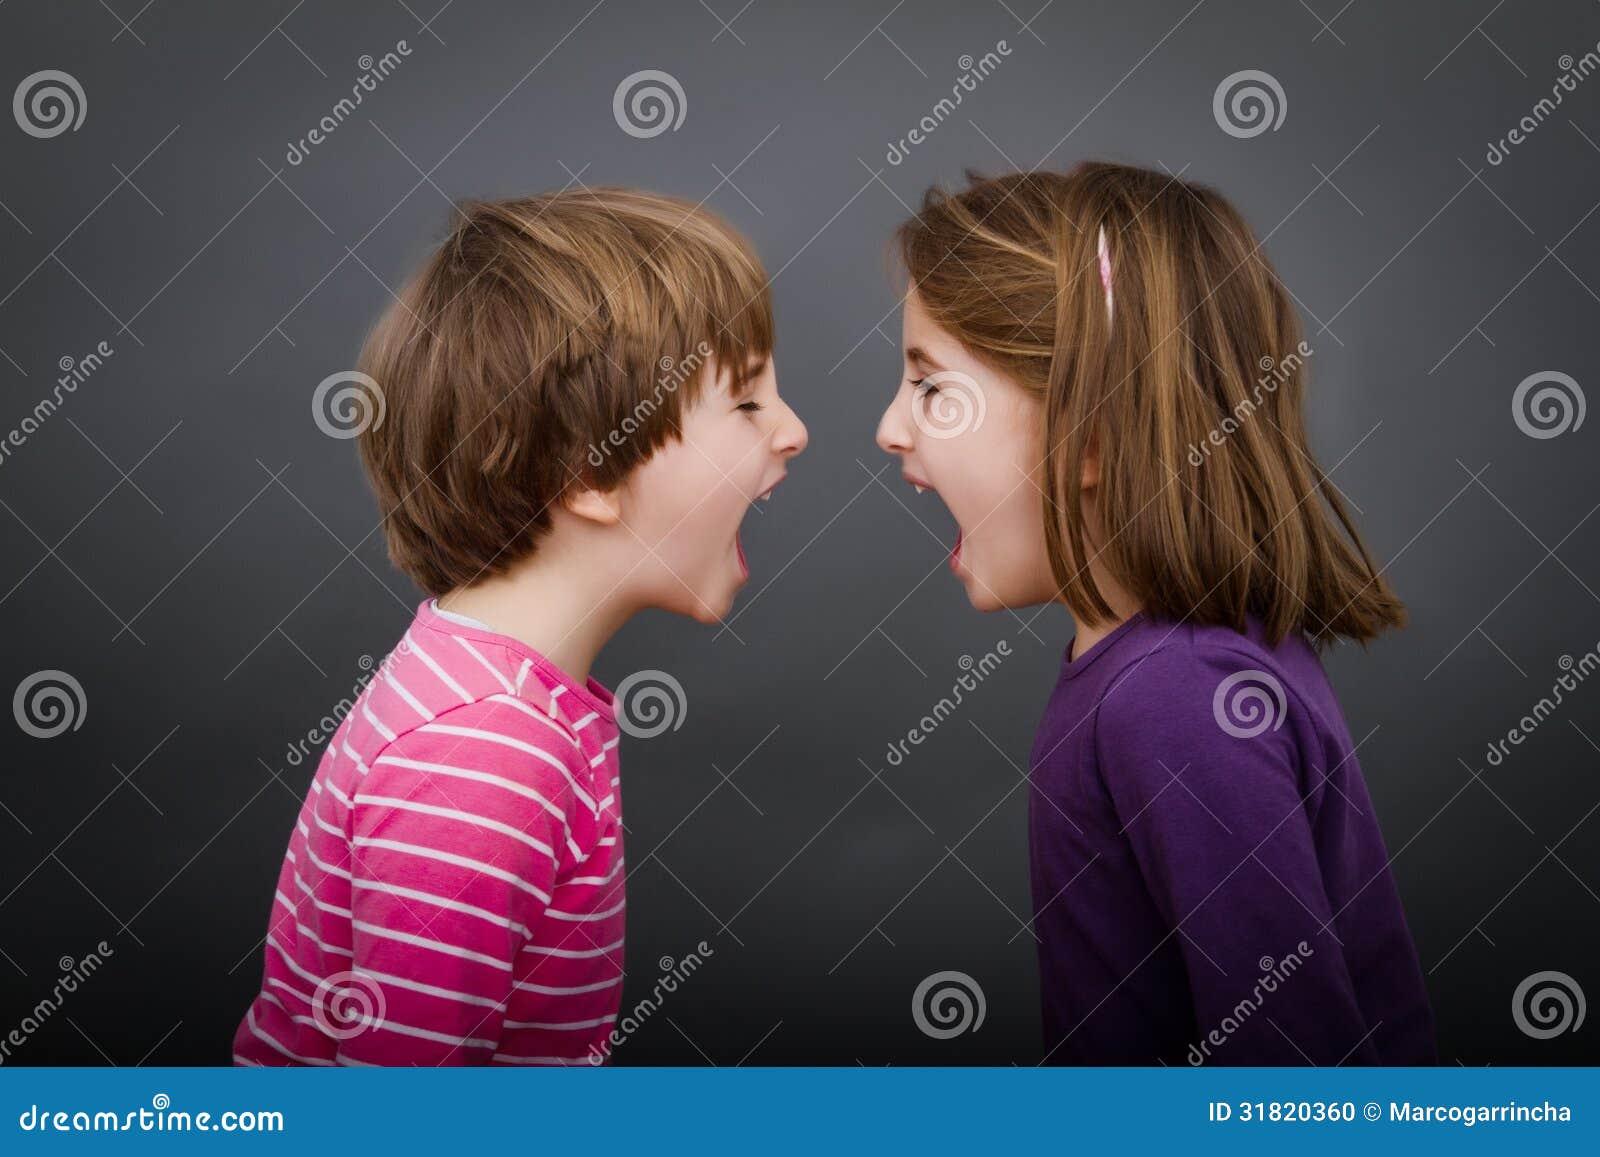 Griterío de los niños cara a cara